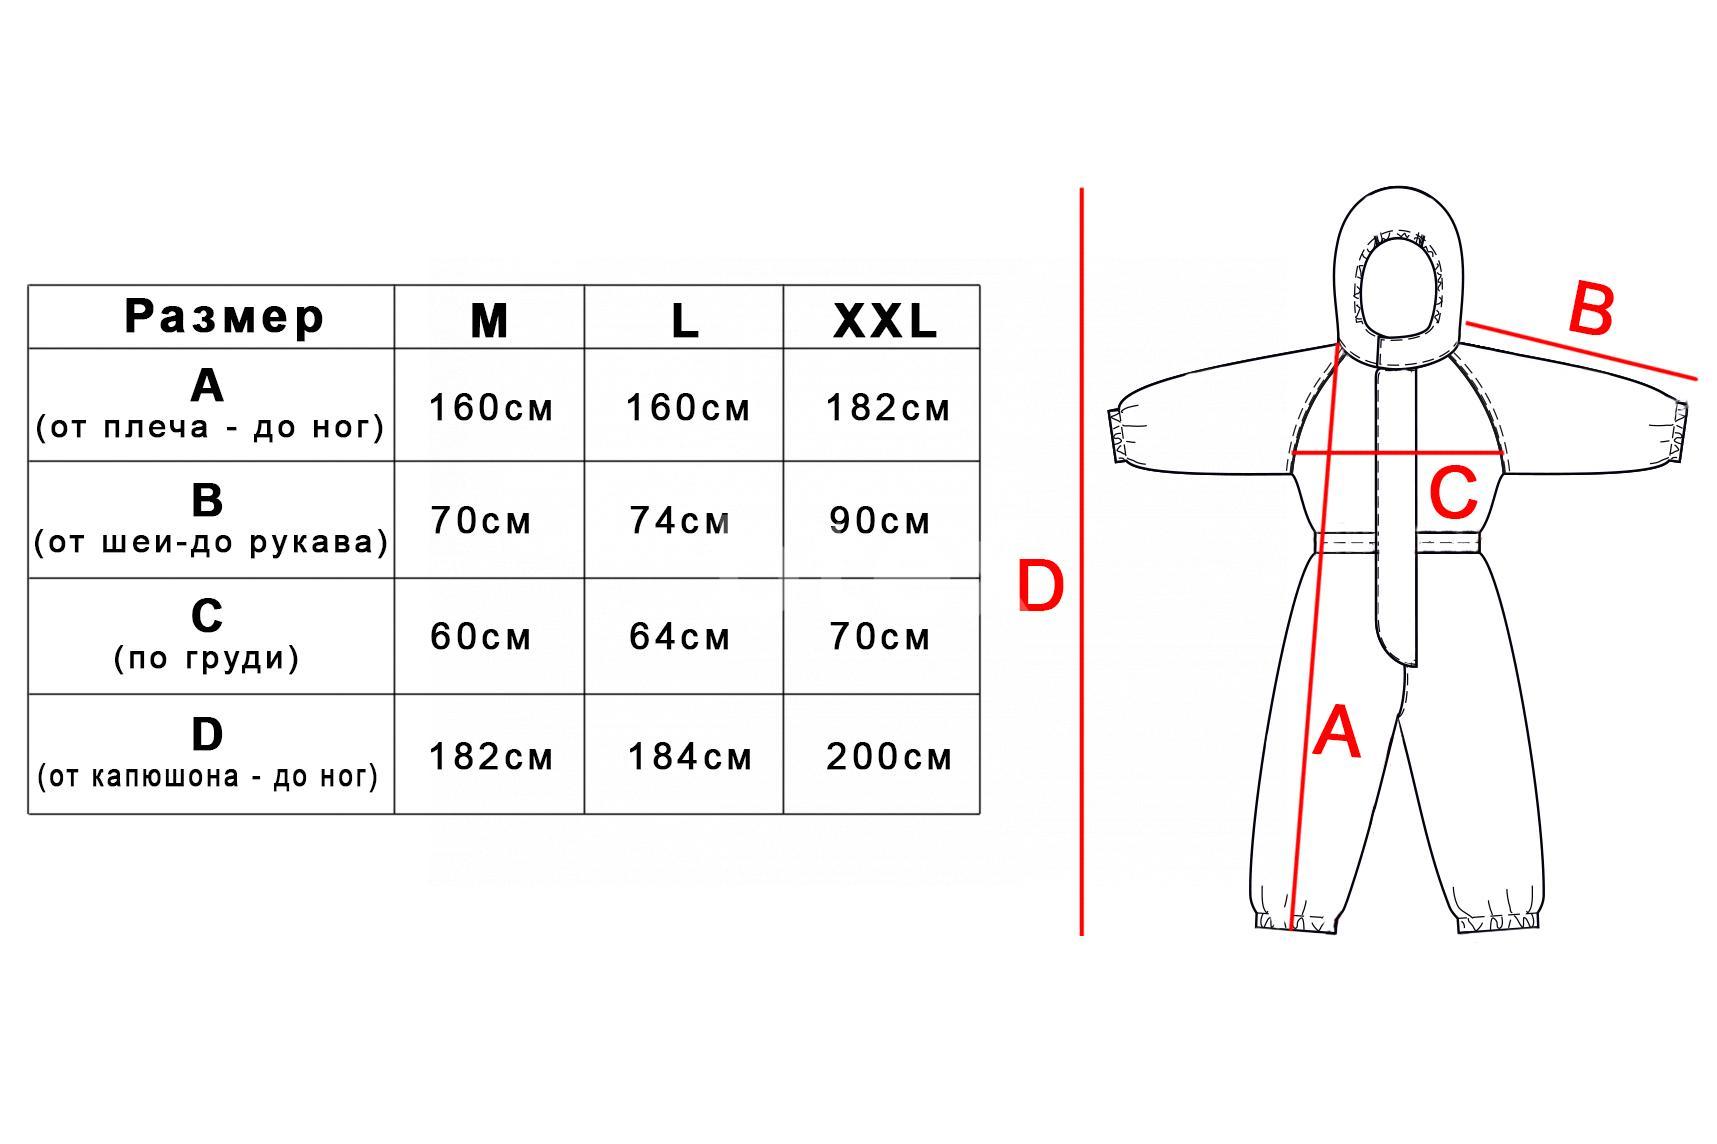 Комбінезон (багаторазовий), однотонний, тканина Болонья, щільність - 55г / м2 фото-6